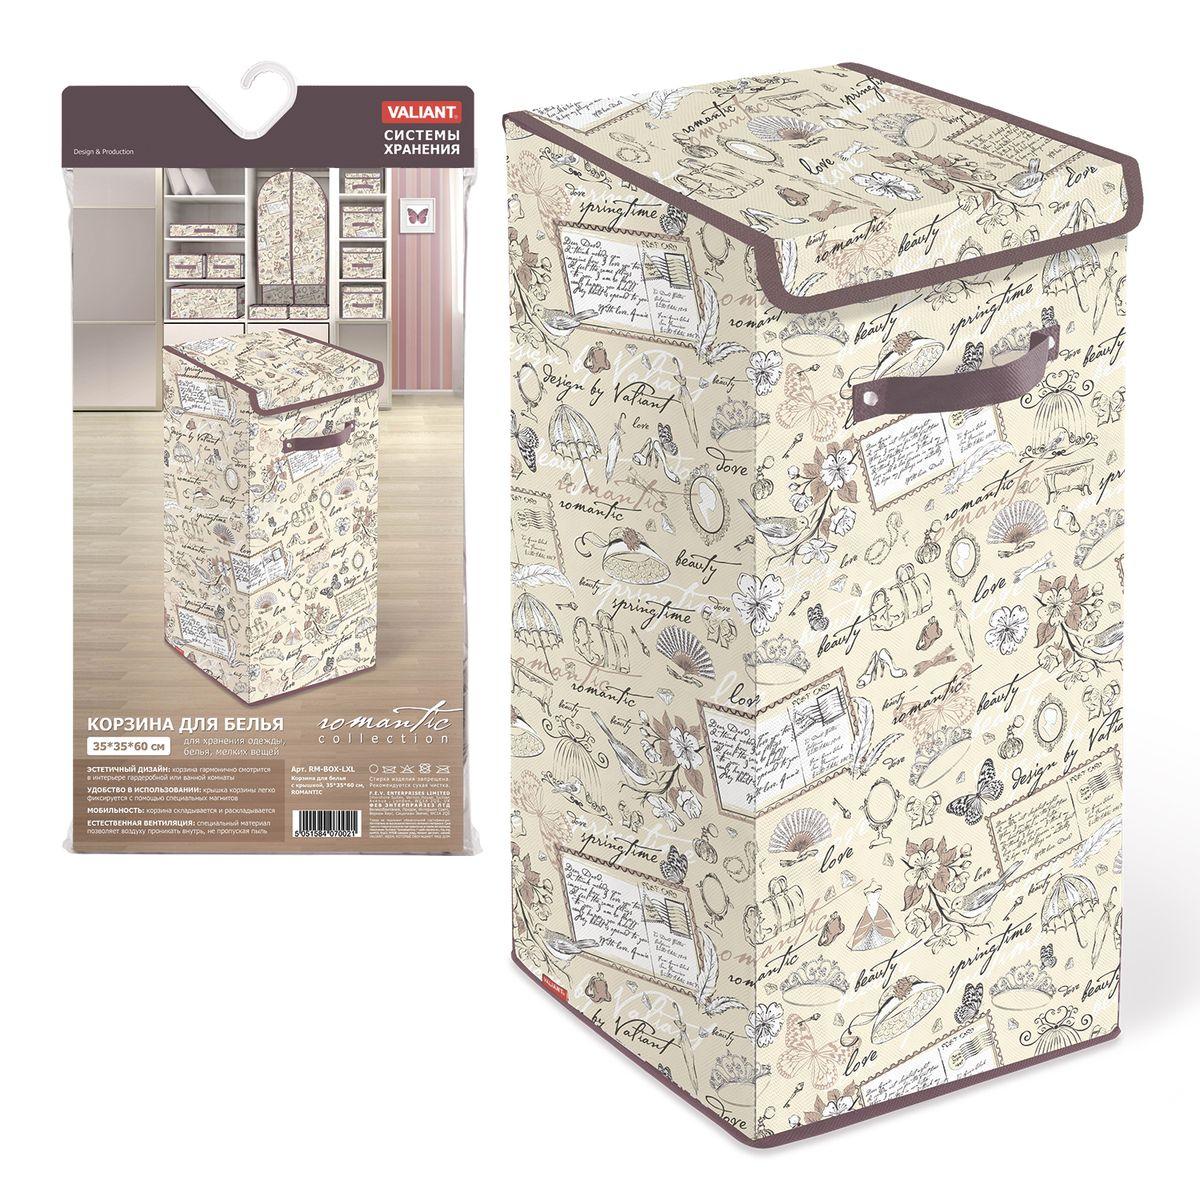 Корзина для белья Valiant Romantic, цвет: золотистый, коричневый, 35 х 35 х 60 смRM-BOX-LXLКорзина для белья Valiant Romantic изготовлена из нетканого материала и предназначена для сбора и хранения вещей перед стиркой. Компактная и легкая, она не занимает много места, аккуратно хранит белье. Изделие оснащено легкой крышкой. Корзина для белья Valiant Romantic со стильным дизайном гармонично смотрится в современном интерьере и станет незаменимым аксессуаром.Размеры: 35 х 35 х 60 см.